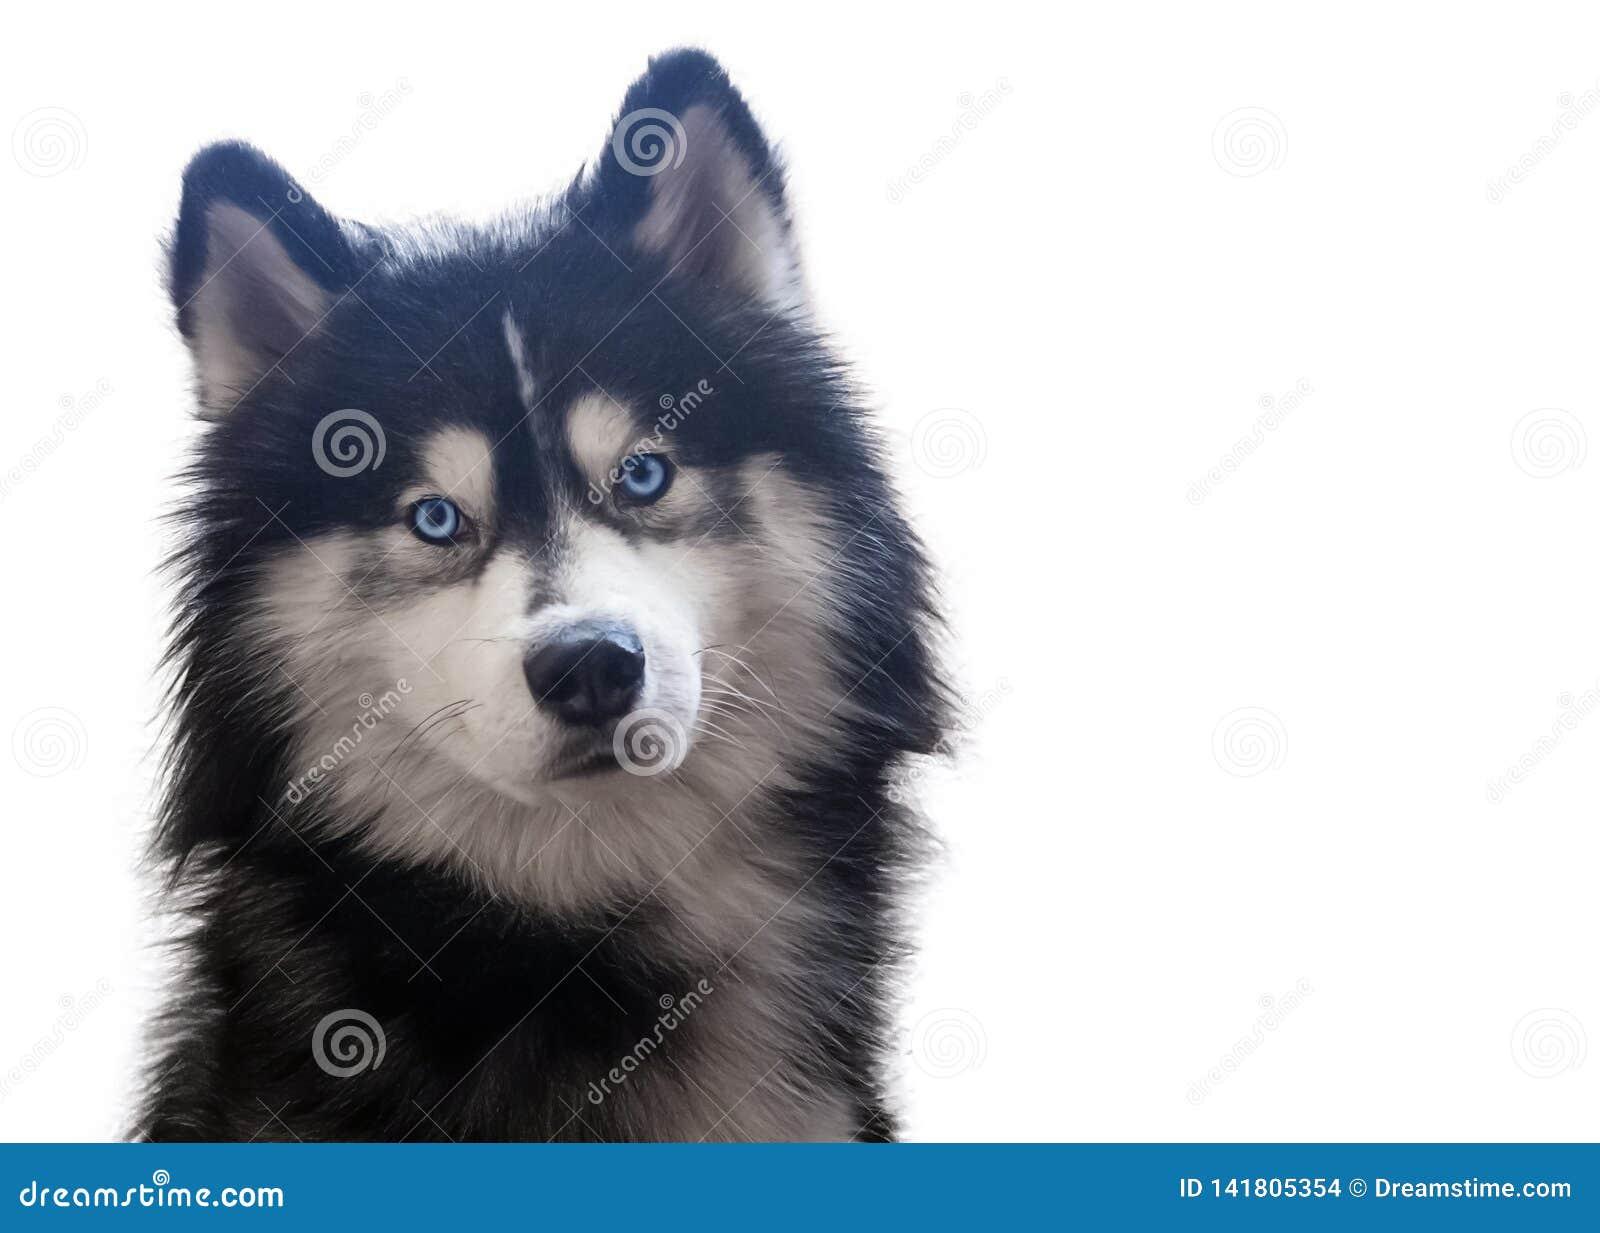 Entzückendes Sitzen und Blicke des sibirischen Huskys auf Kamera mit seinen hellen blauen Augen Getrennt